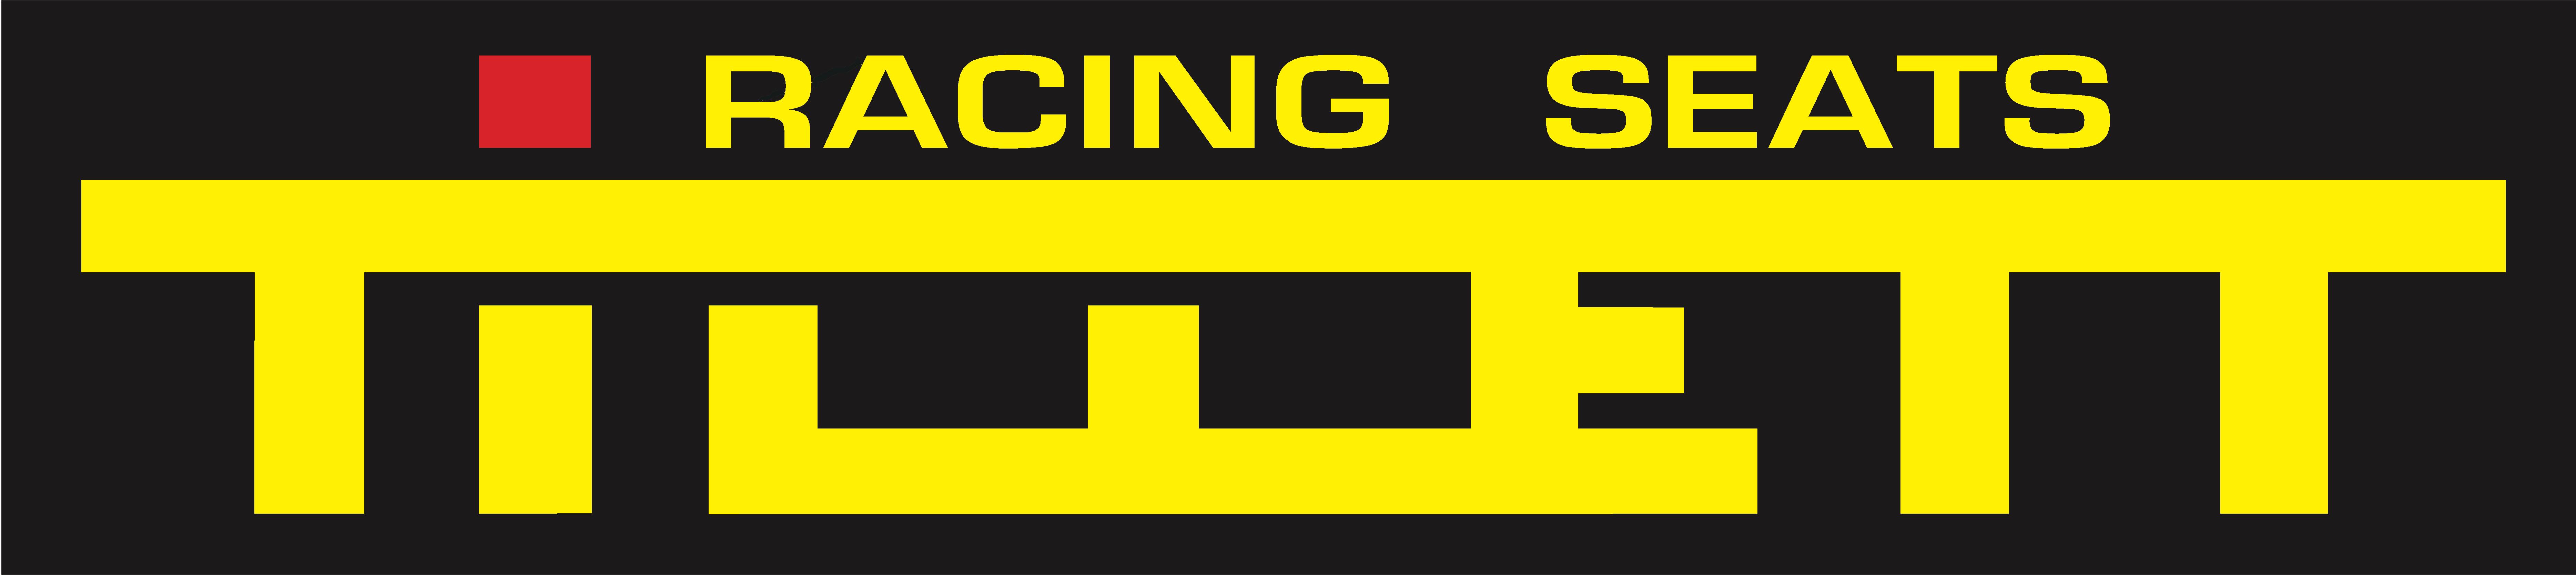 Tillett Racing Seats logo